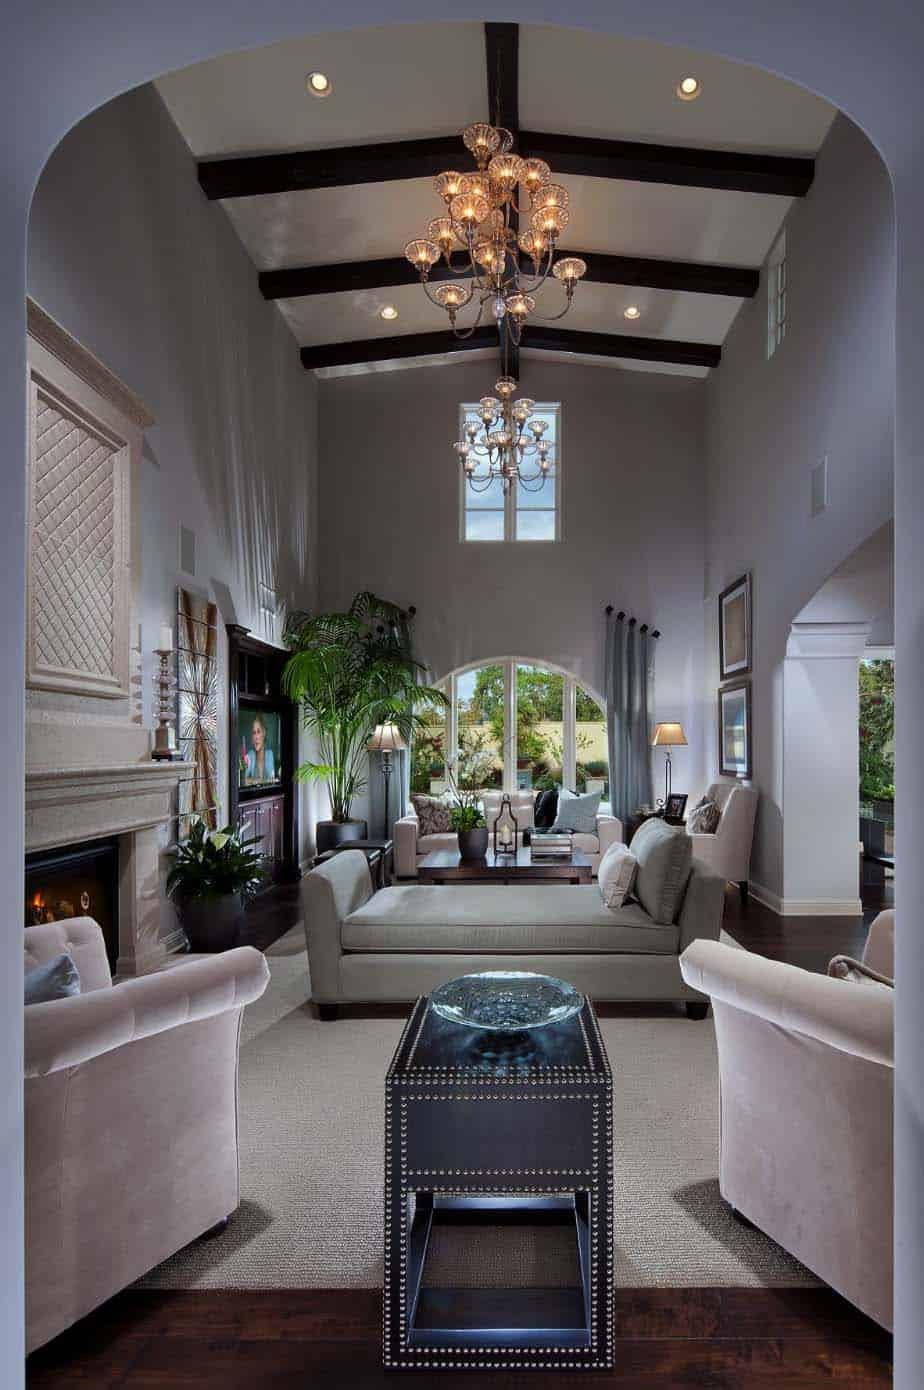 elegant living room design modern decor images 38 rooms that are brilliantly designed 28 1 kindesign